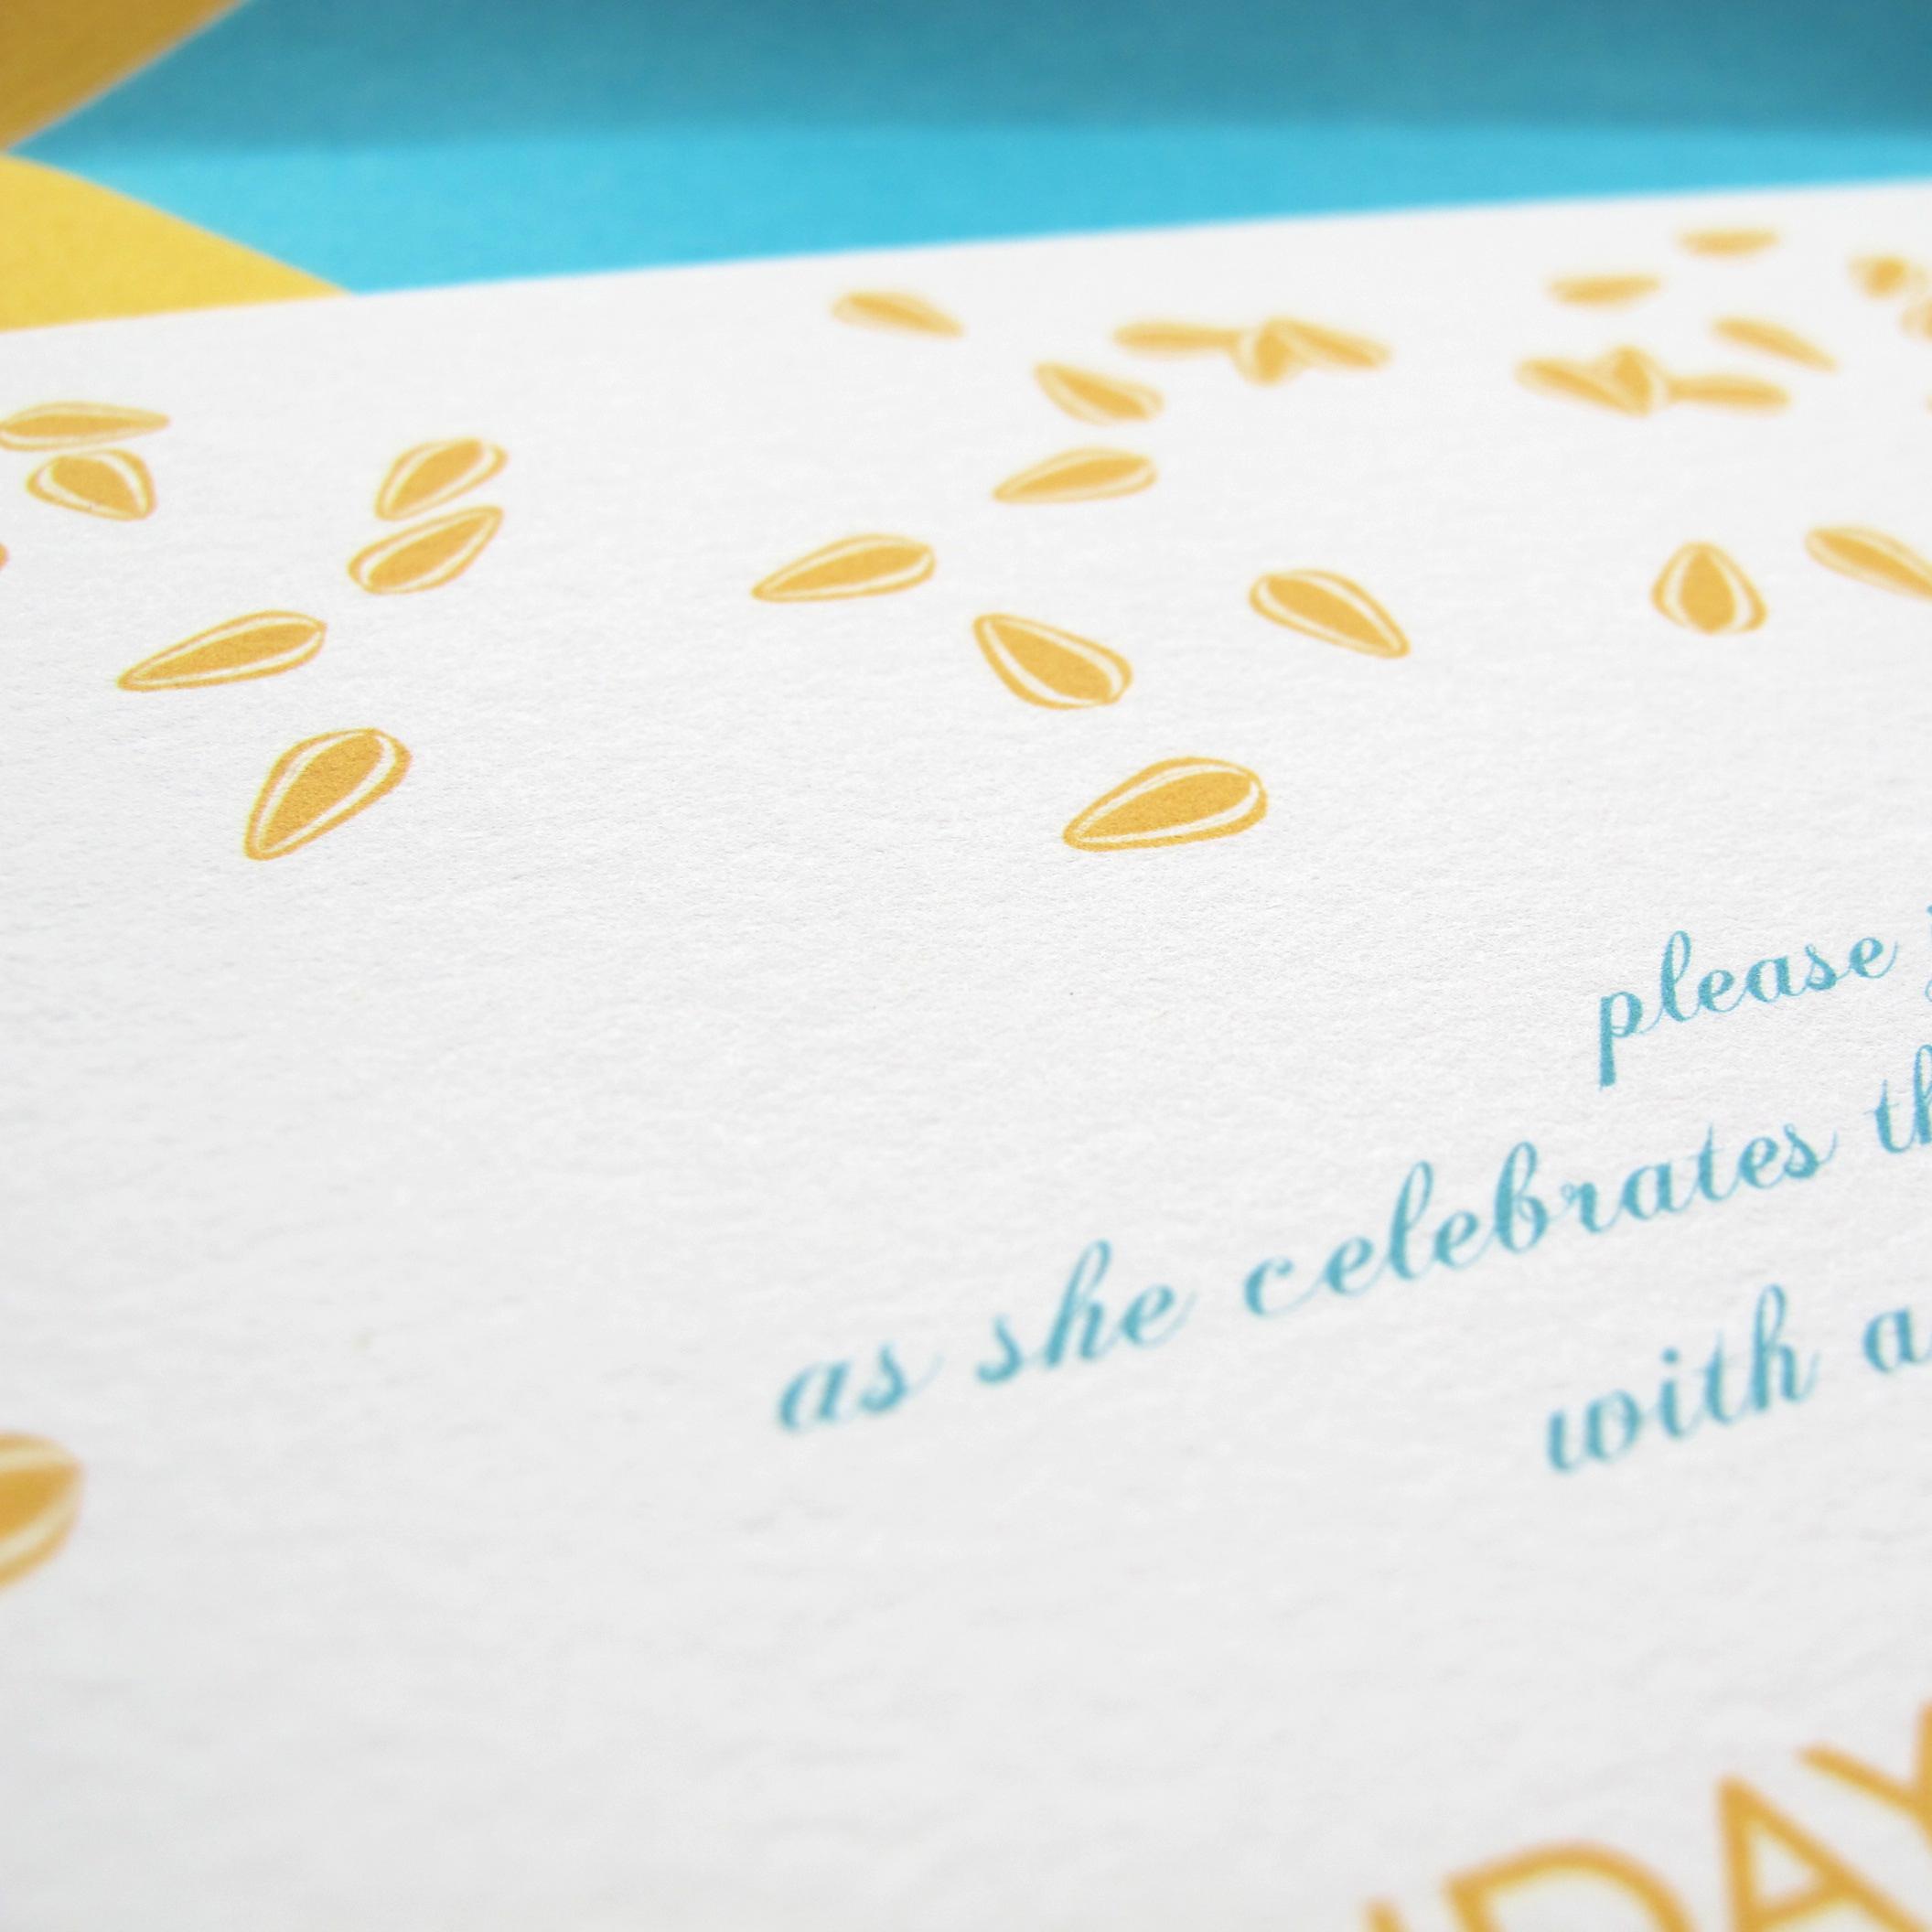 invitation-seed_6.jpg